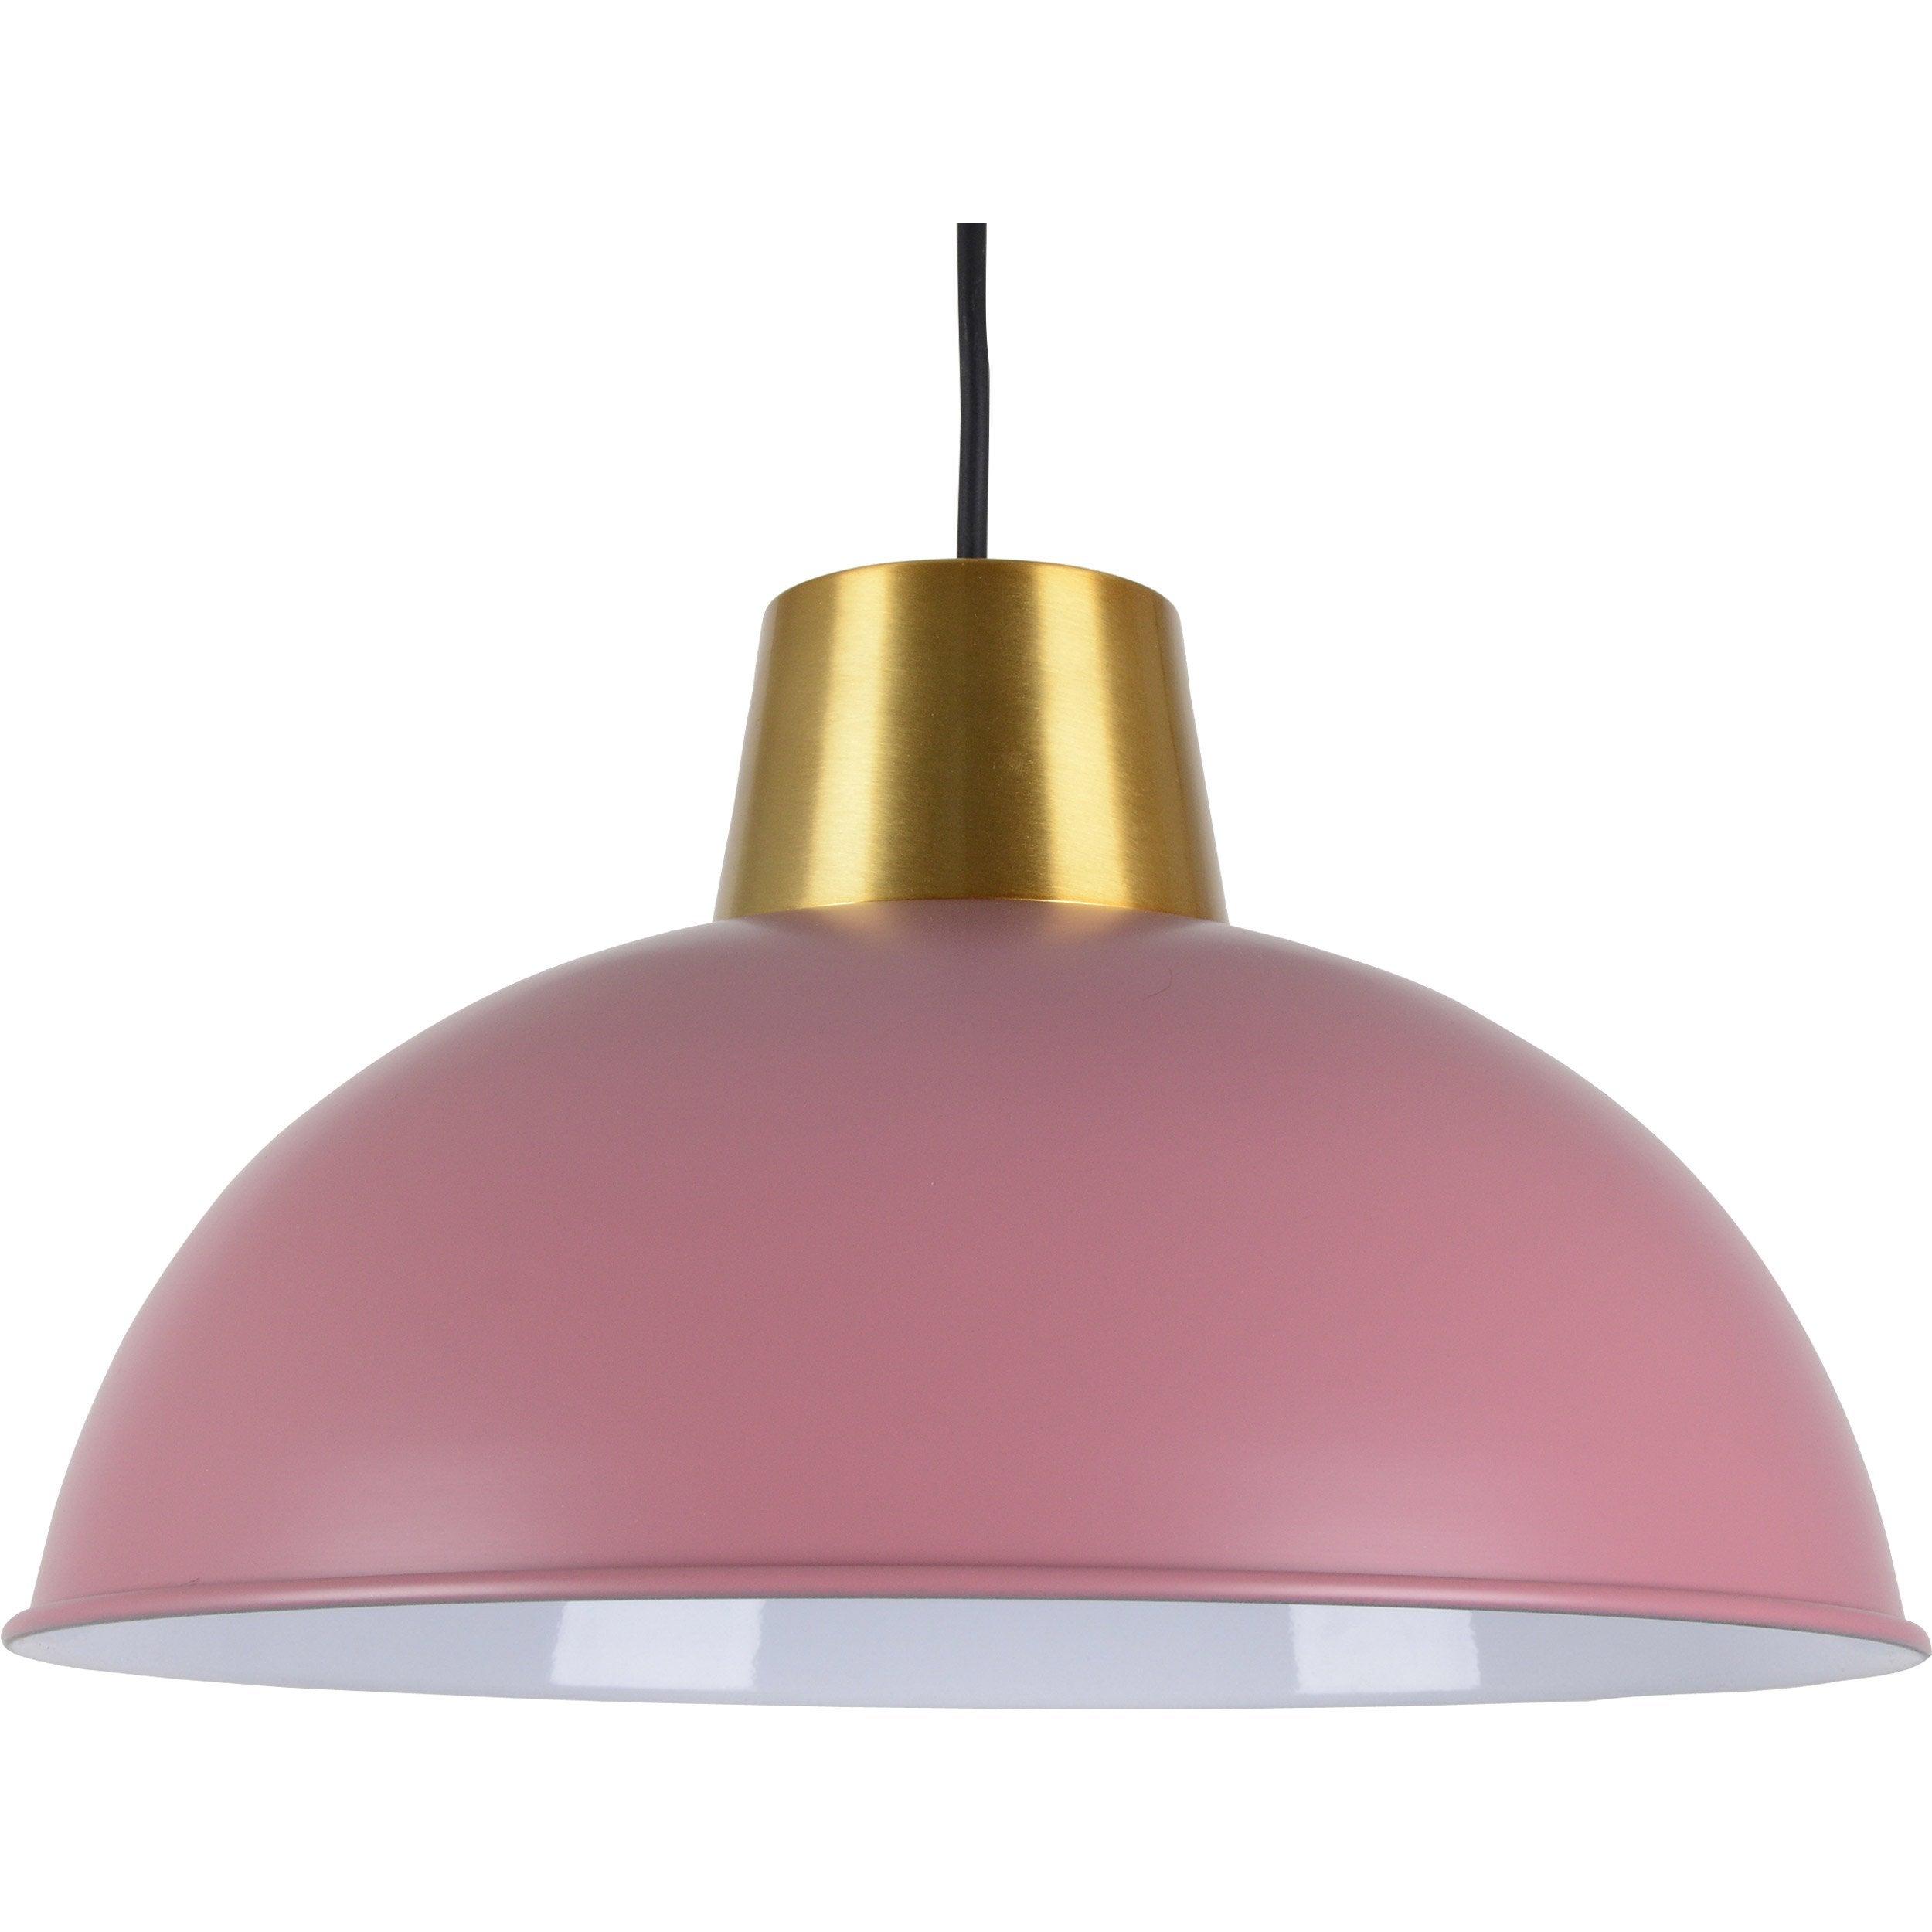 Suspension, charme métal rose/laiton BOUDET Marsdor 1 lumière(s) D.31 cm